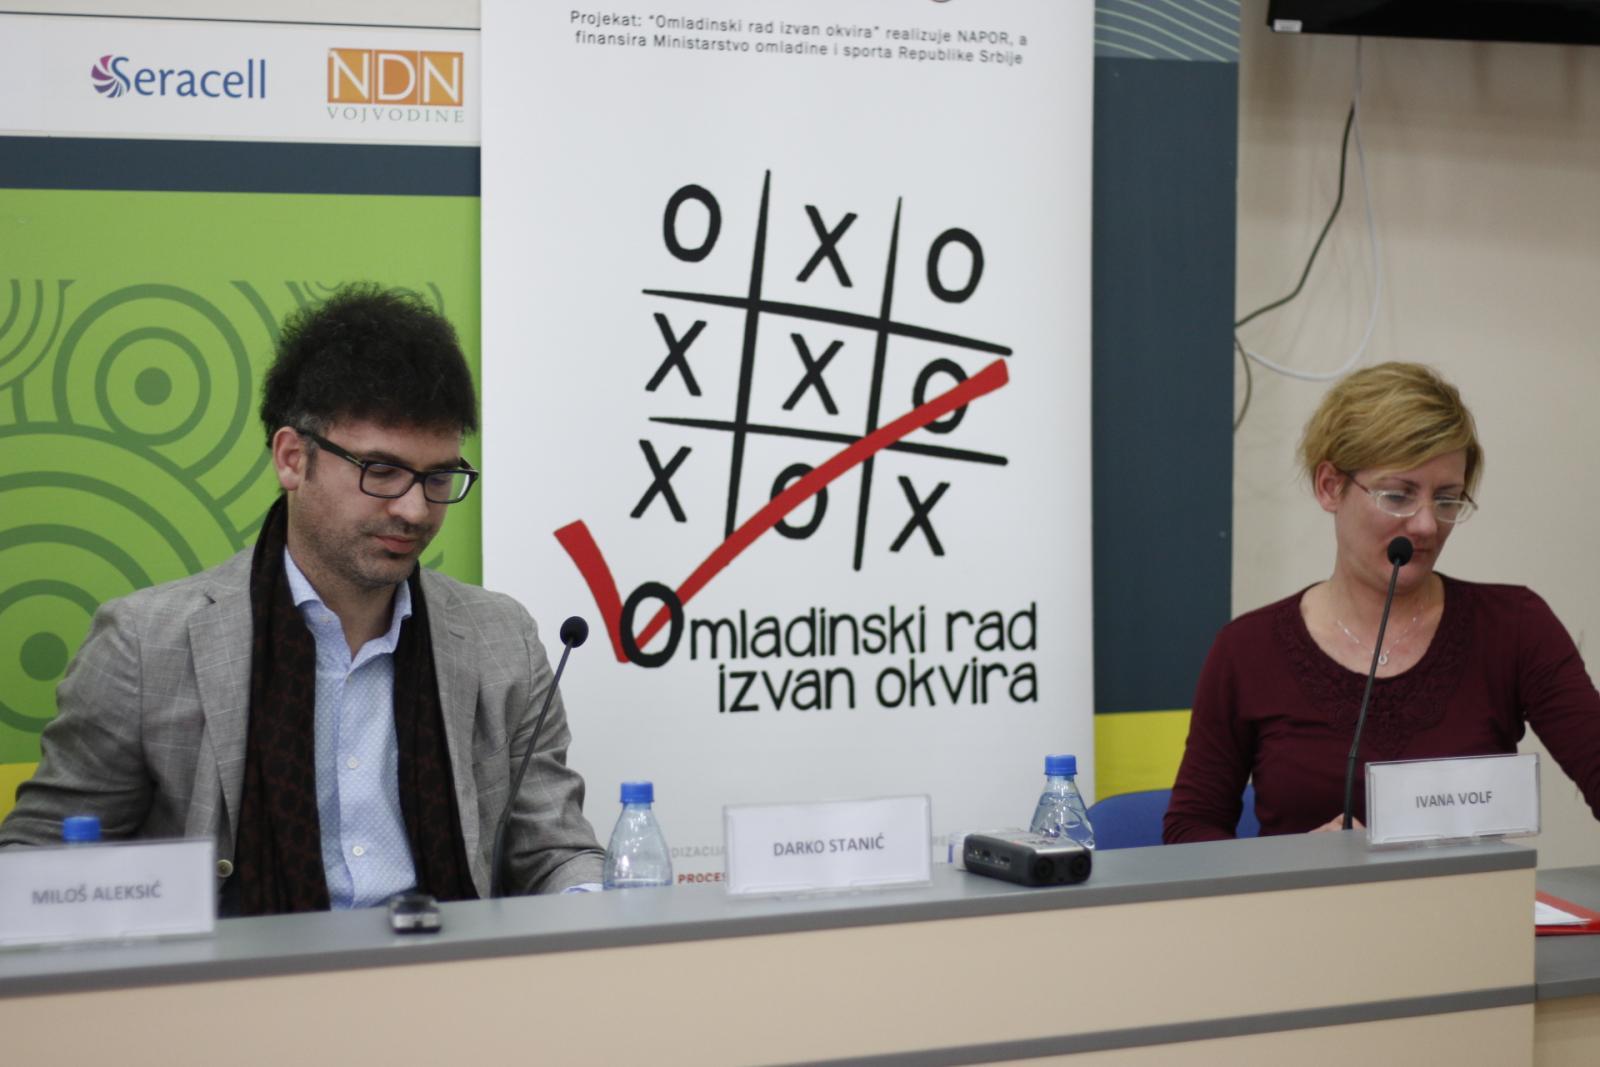 Дарко Станић на конференцији за медије поводом првог хакатона на тему неформалног образовања